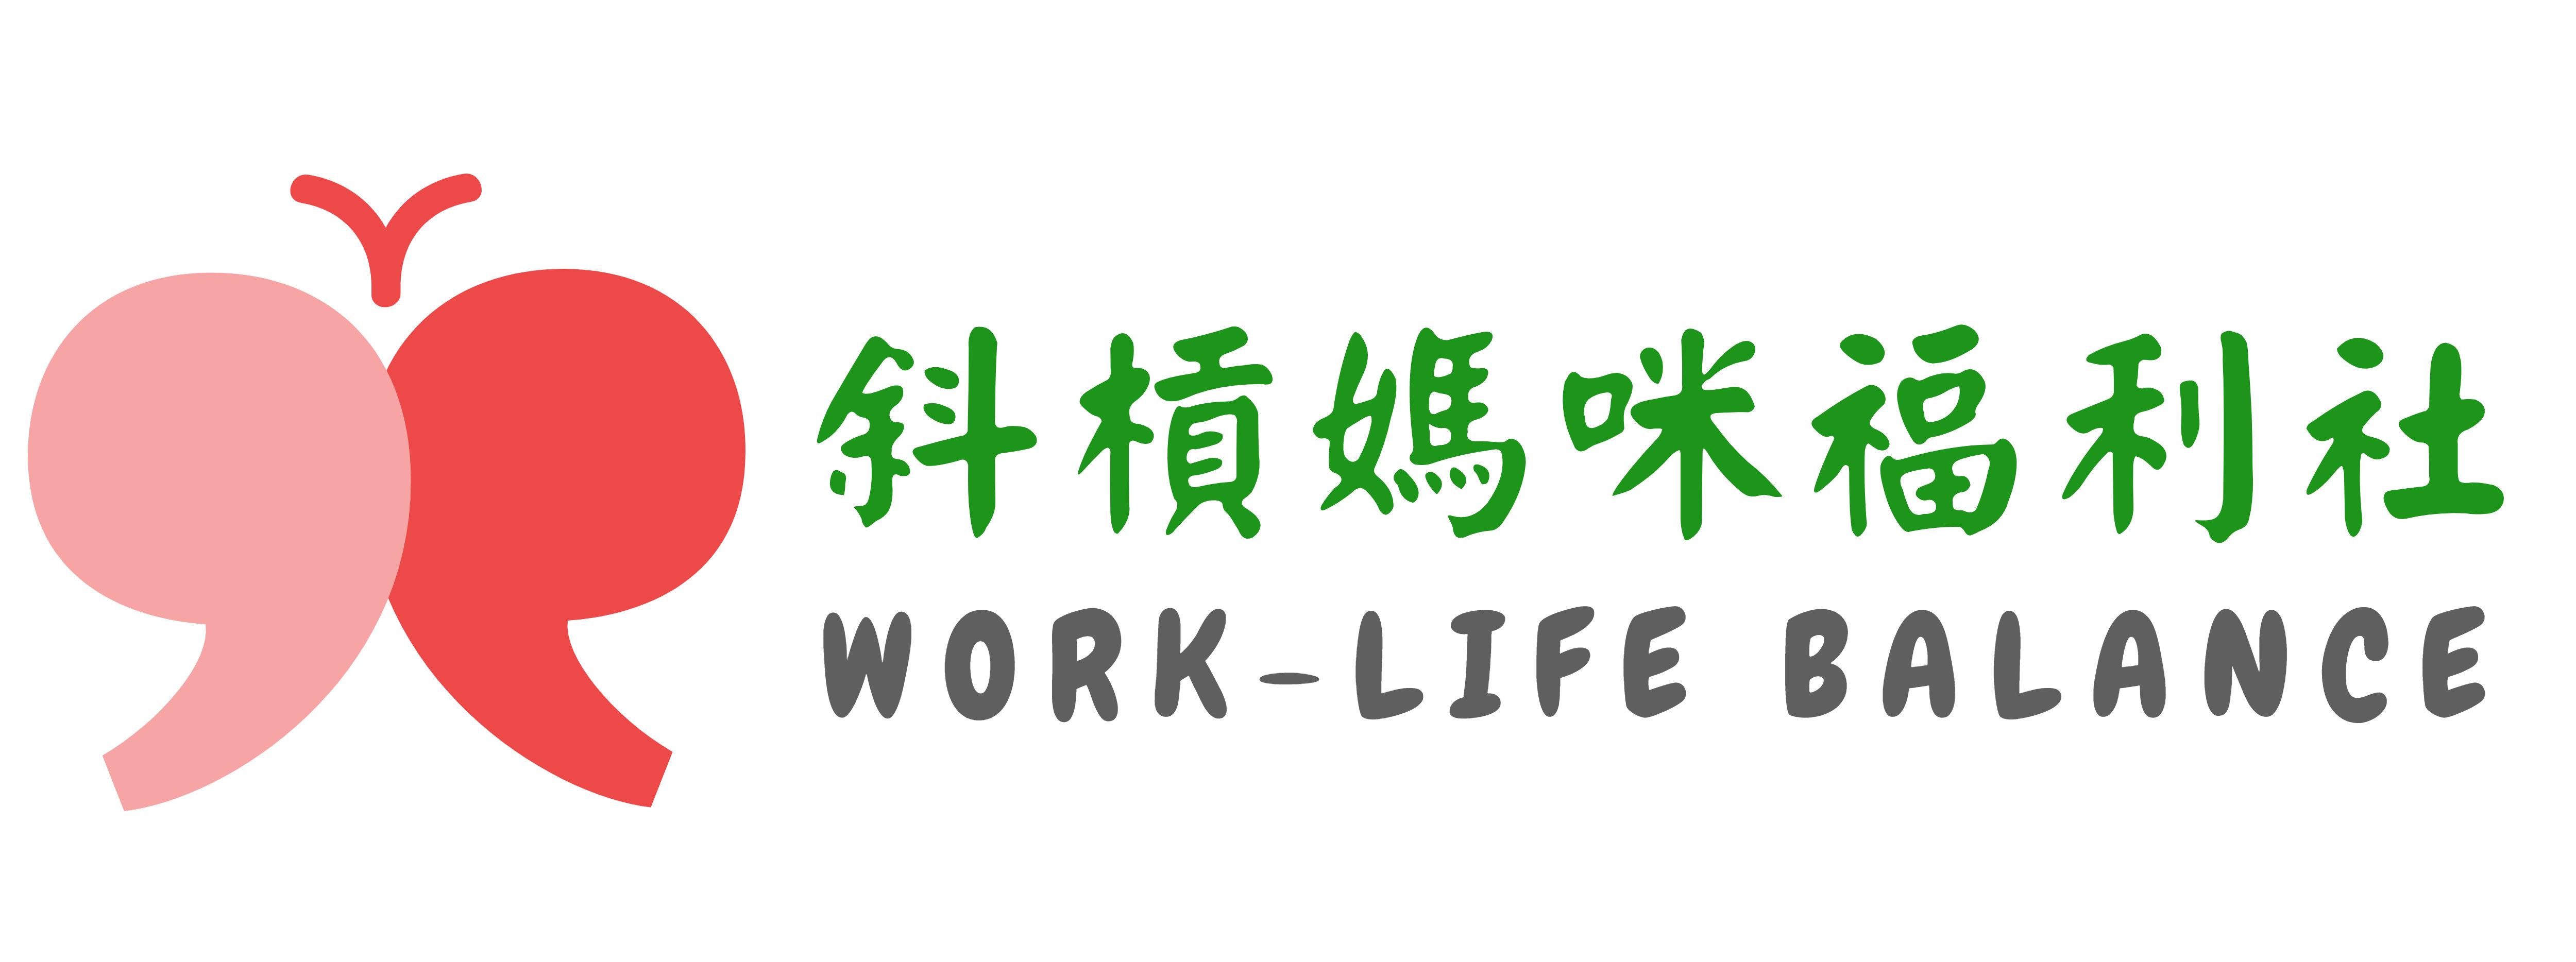 斜槓媽咪福利社Work-Life Balance